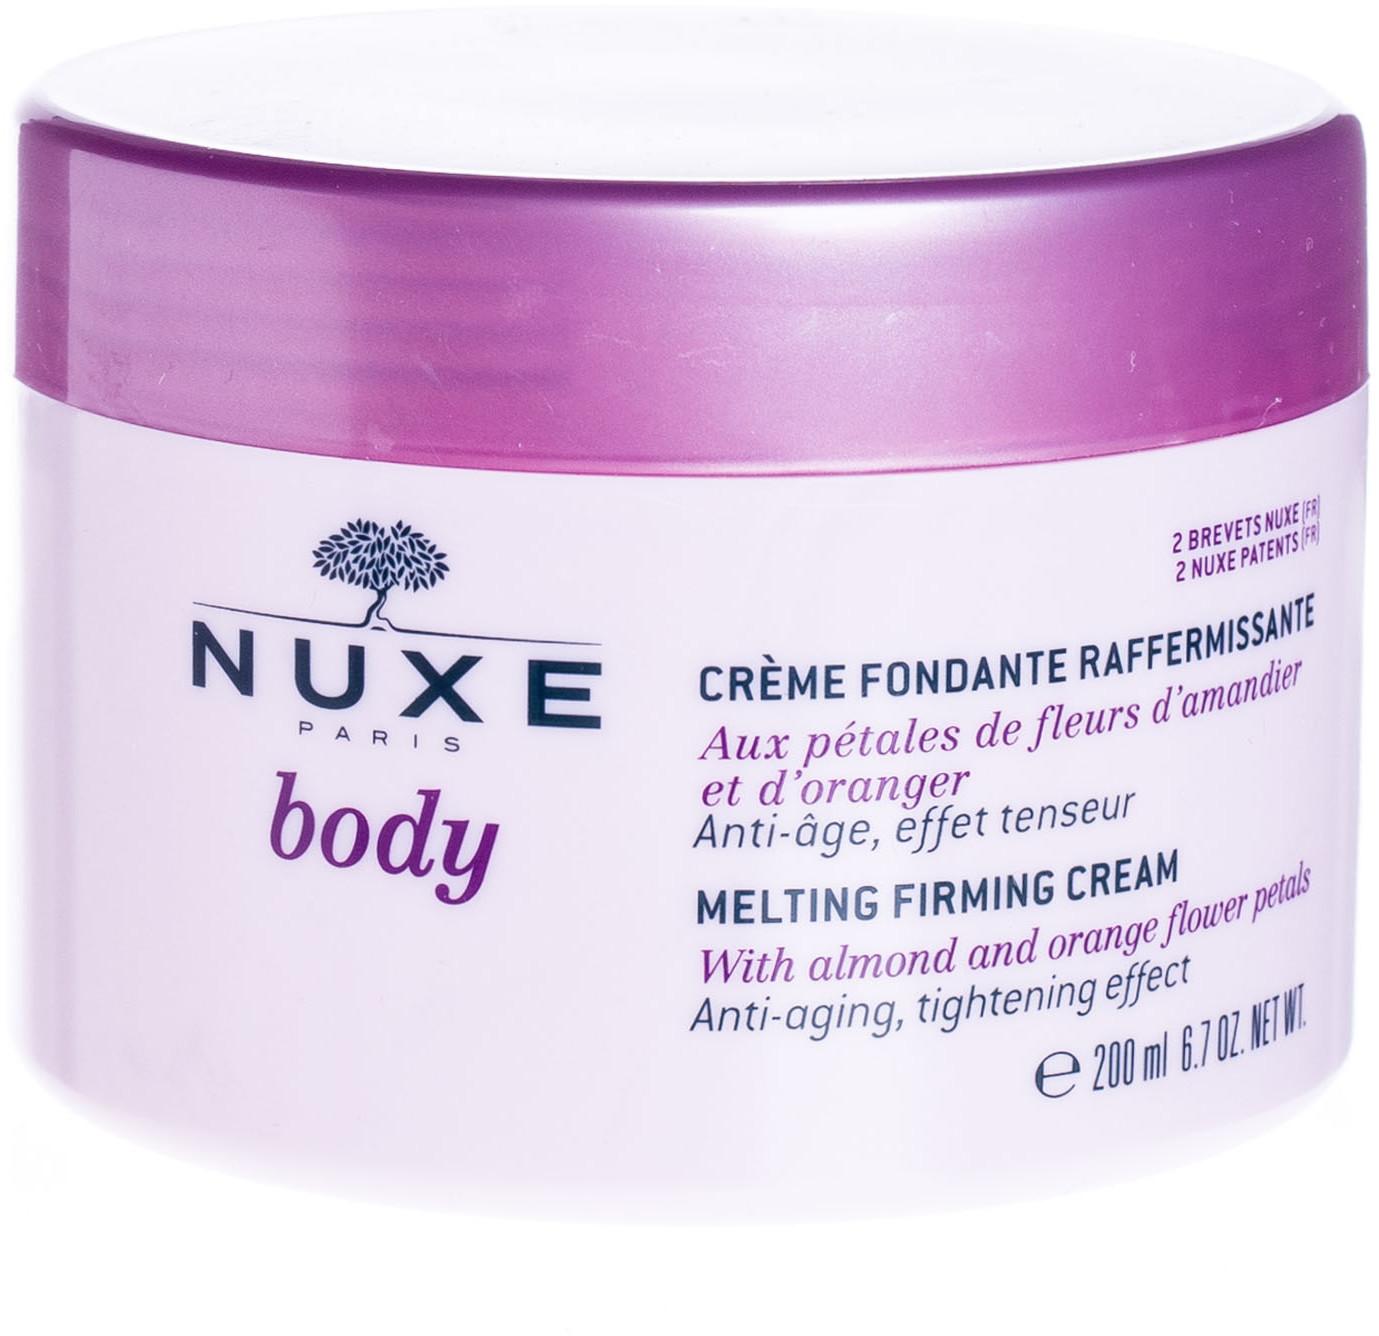 Nuxe Body ujędrniający krem do ciała Fondant Firming Cream) 200 ml